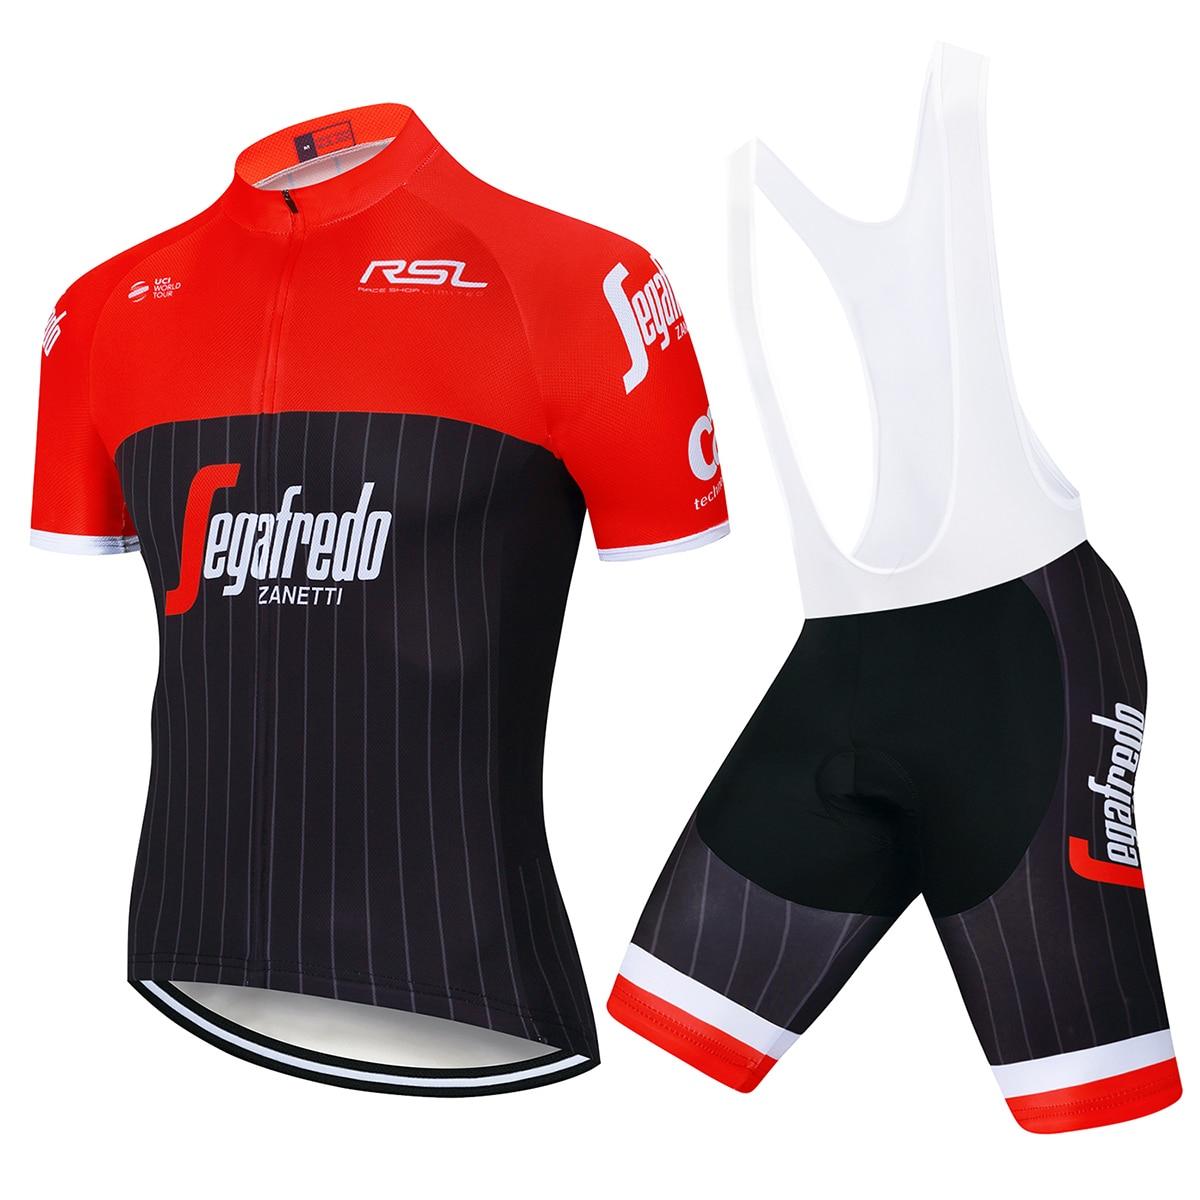 TREKKING ciclismo jersey shorts Da Bicicleta equipe UCI 2018 Verde terno MTB mens verão ropa ciclismo ciclismo BICICLETA desgaste Maillot Culotte